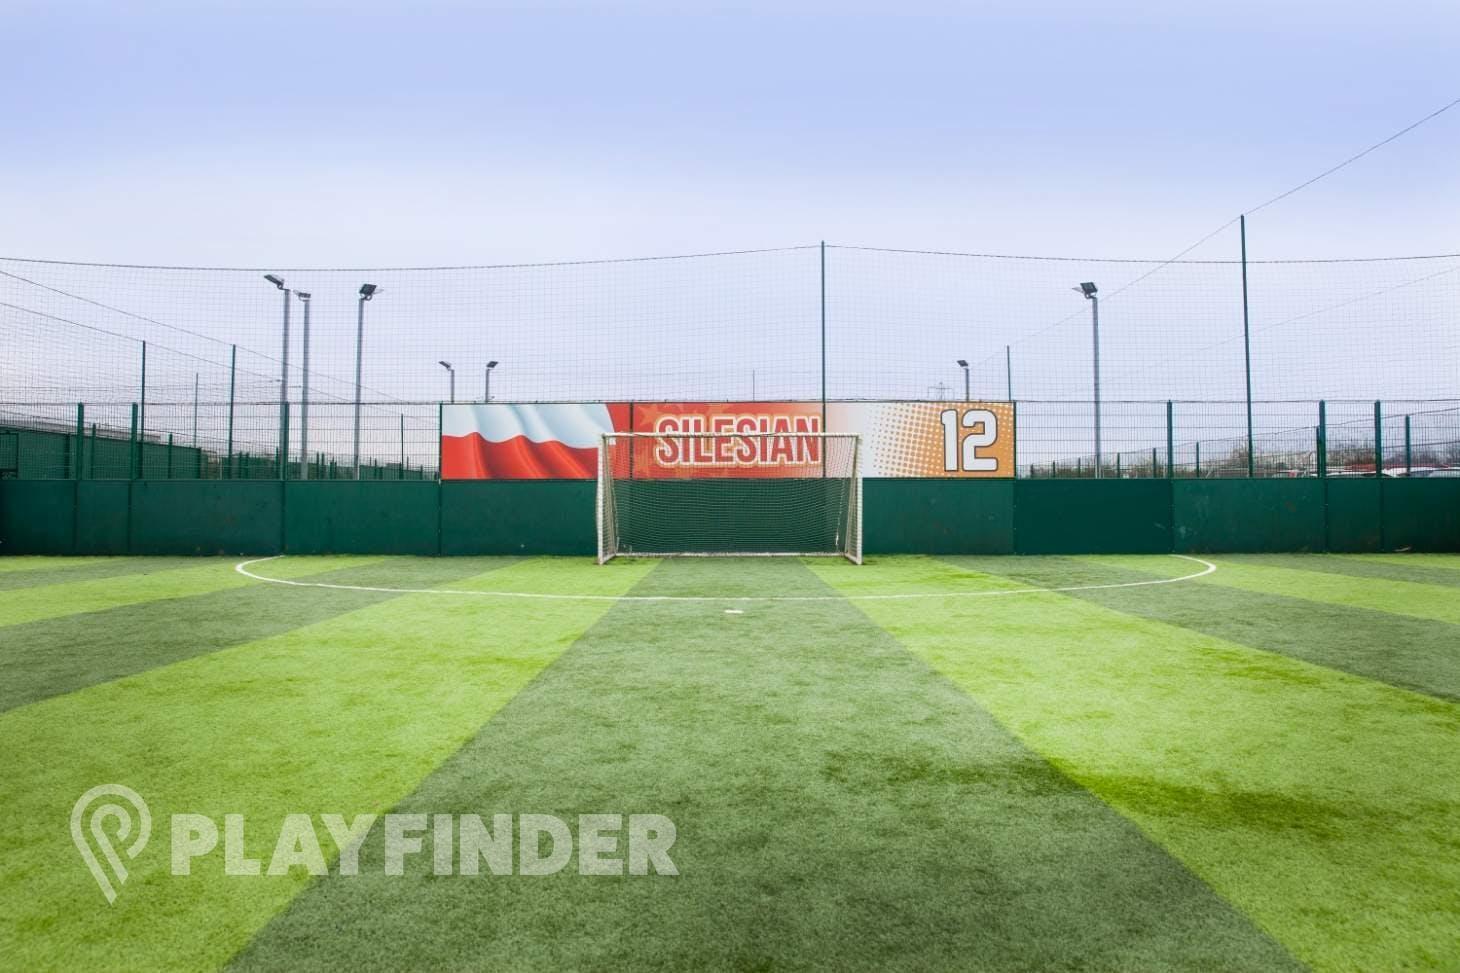 Goals Beckenham 7 a side | 3G Astroturf football pitch